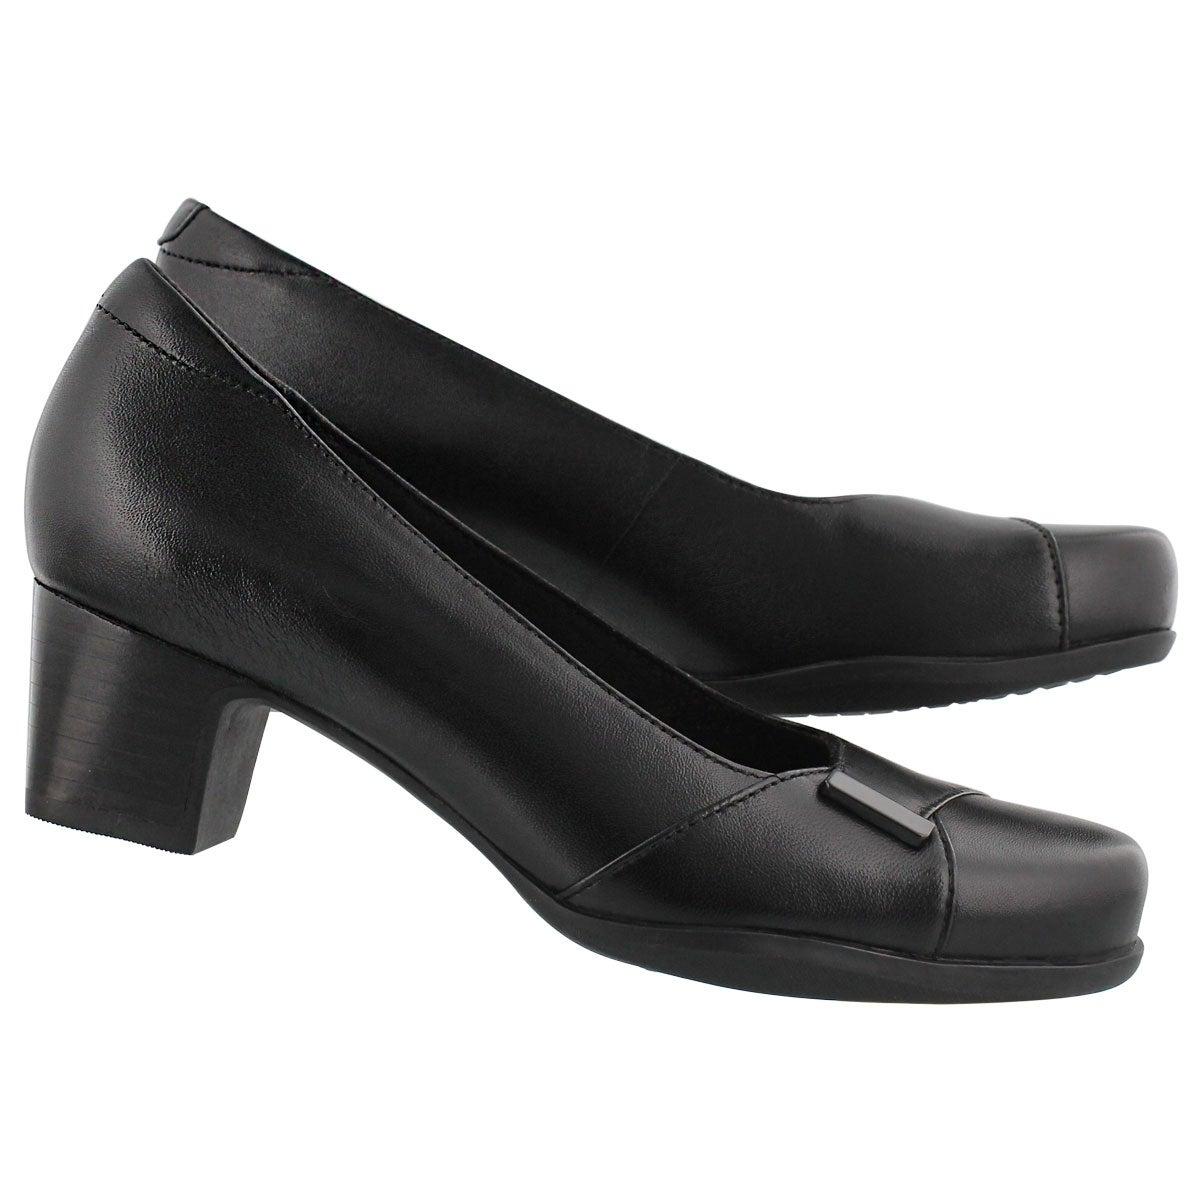 Women's Rosalyn Belle Wide Dress Shoe - Black